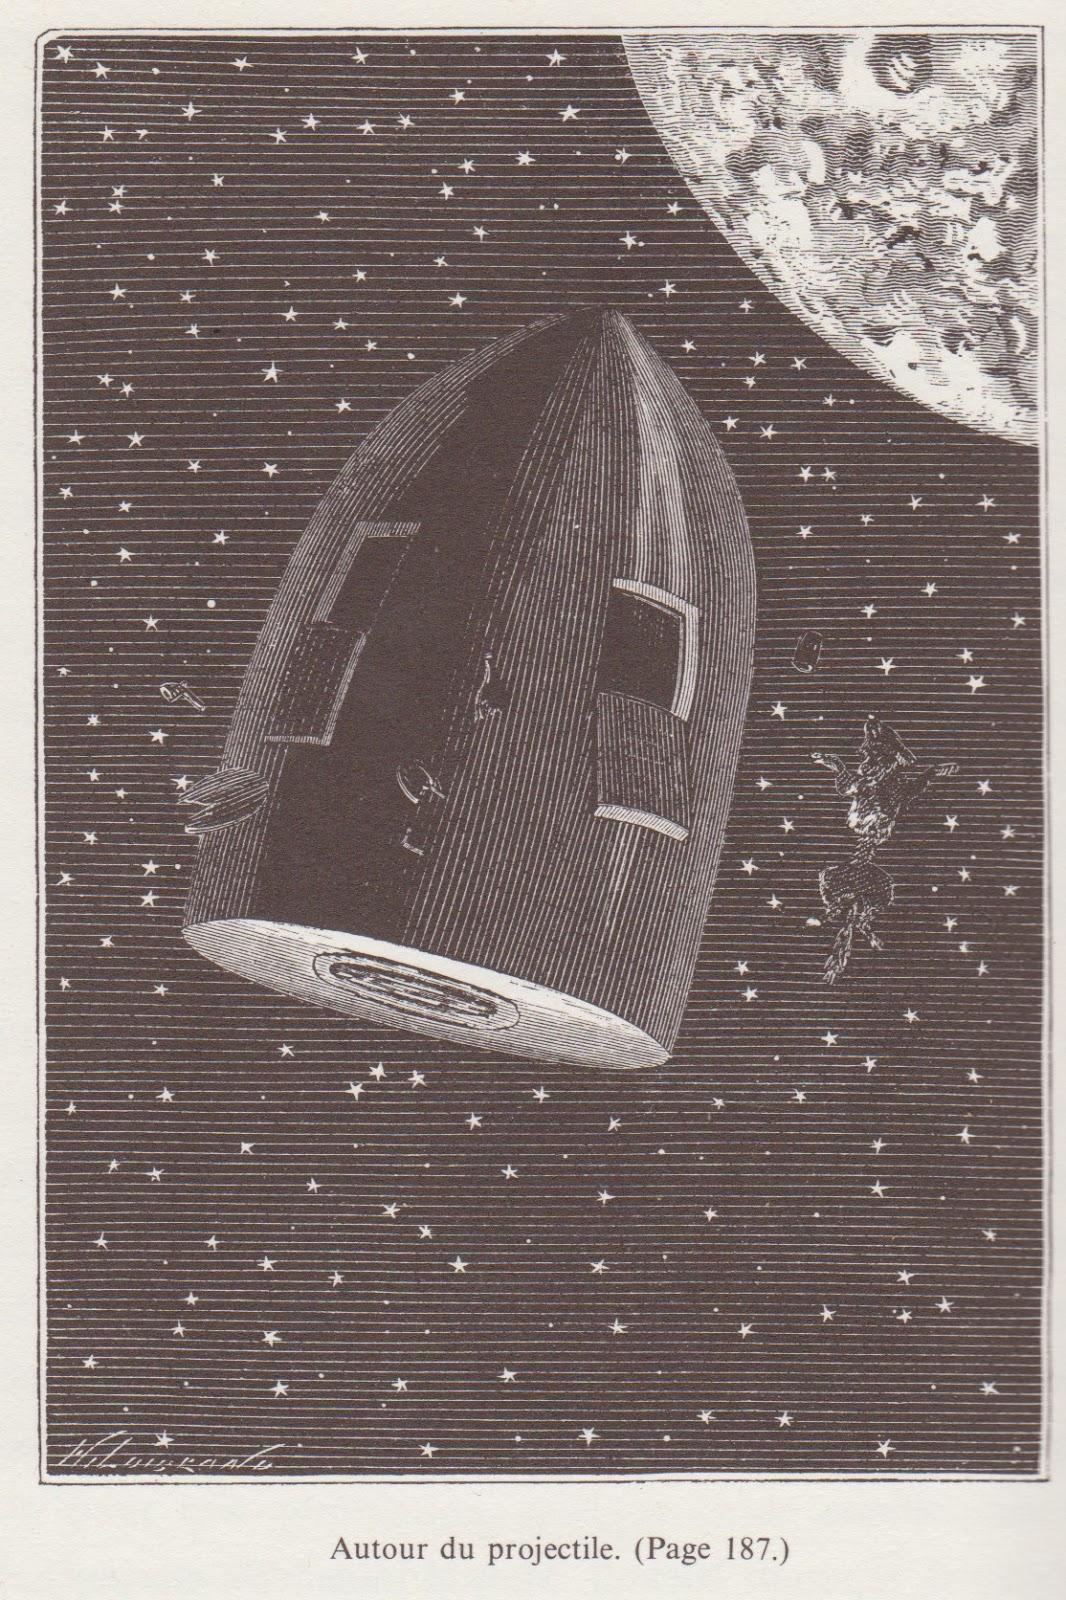 arch osf henri de montaut illustration pour de la terre la lune jules verne. Black Bedroom Furniture Sets. Home Design Ideas